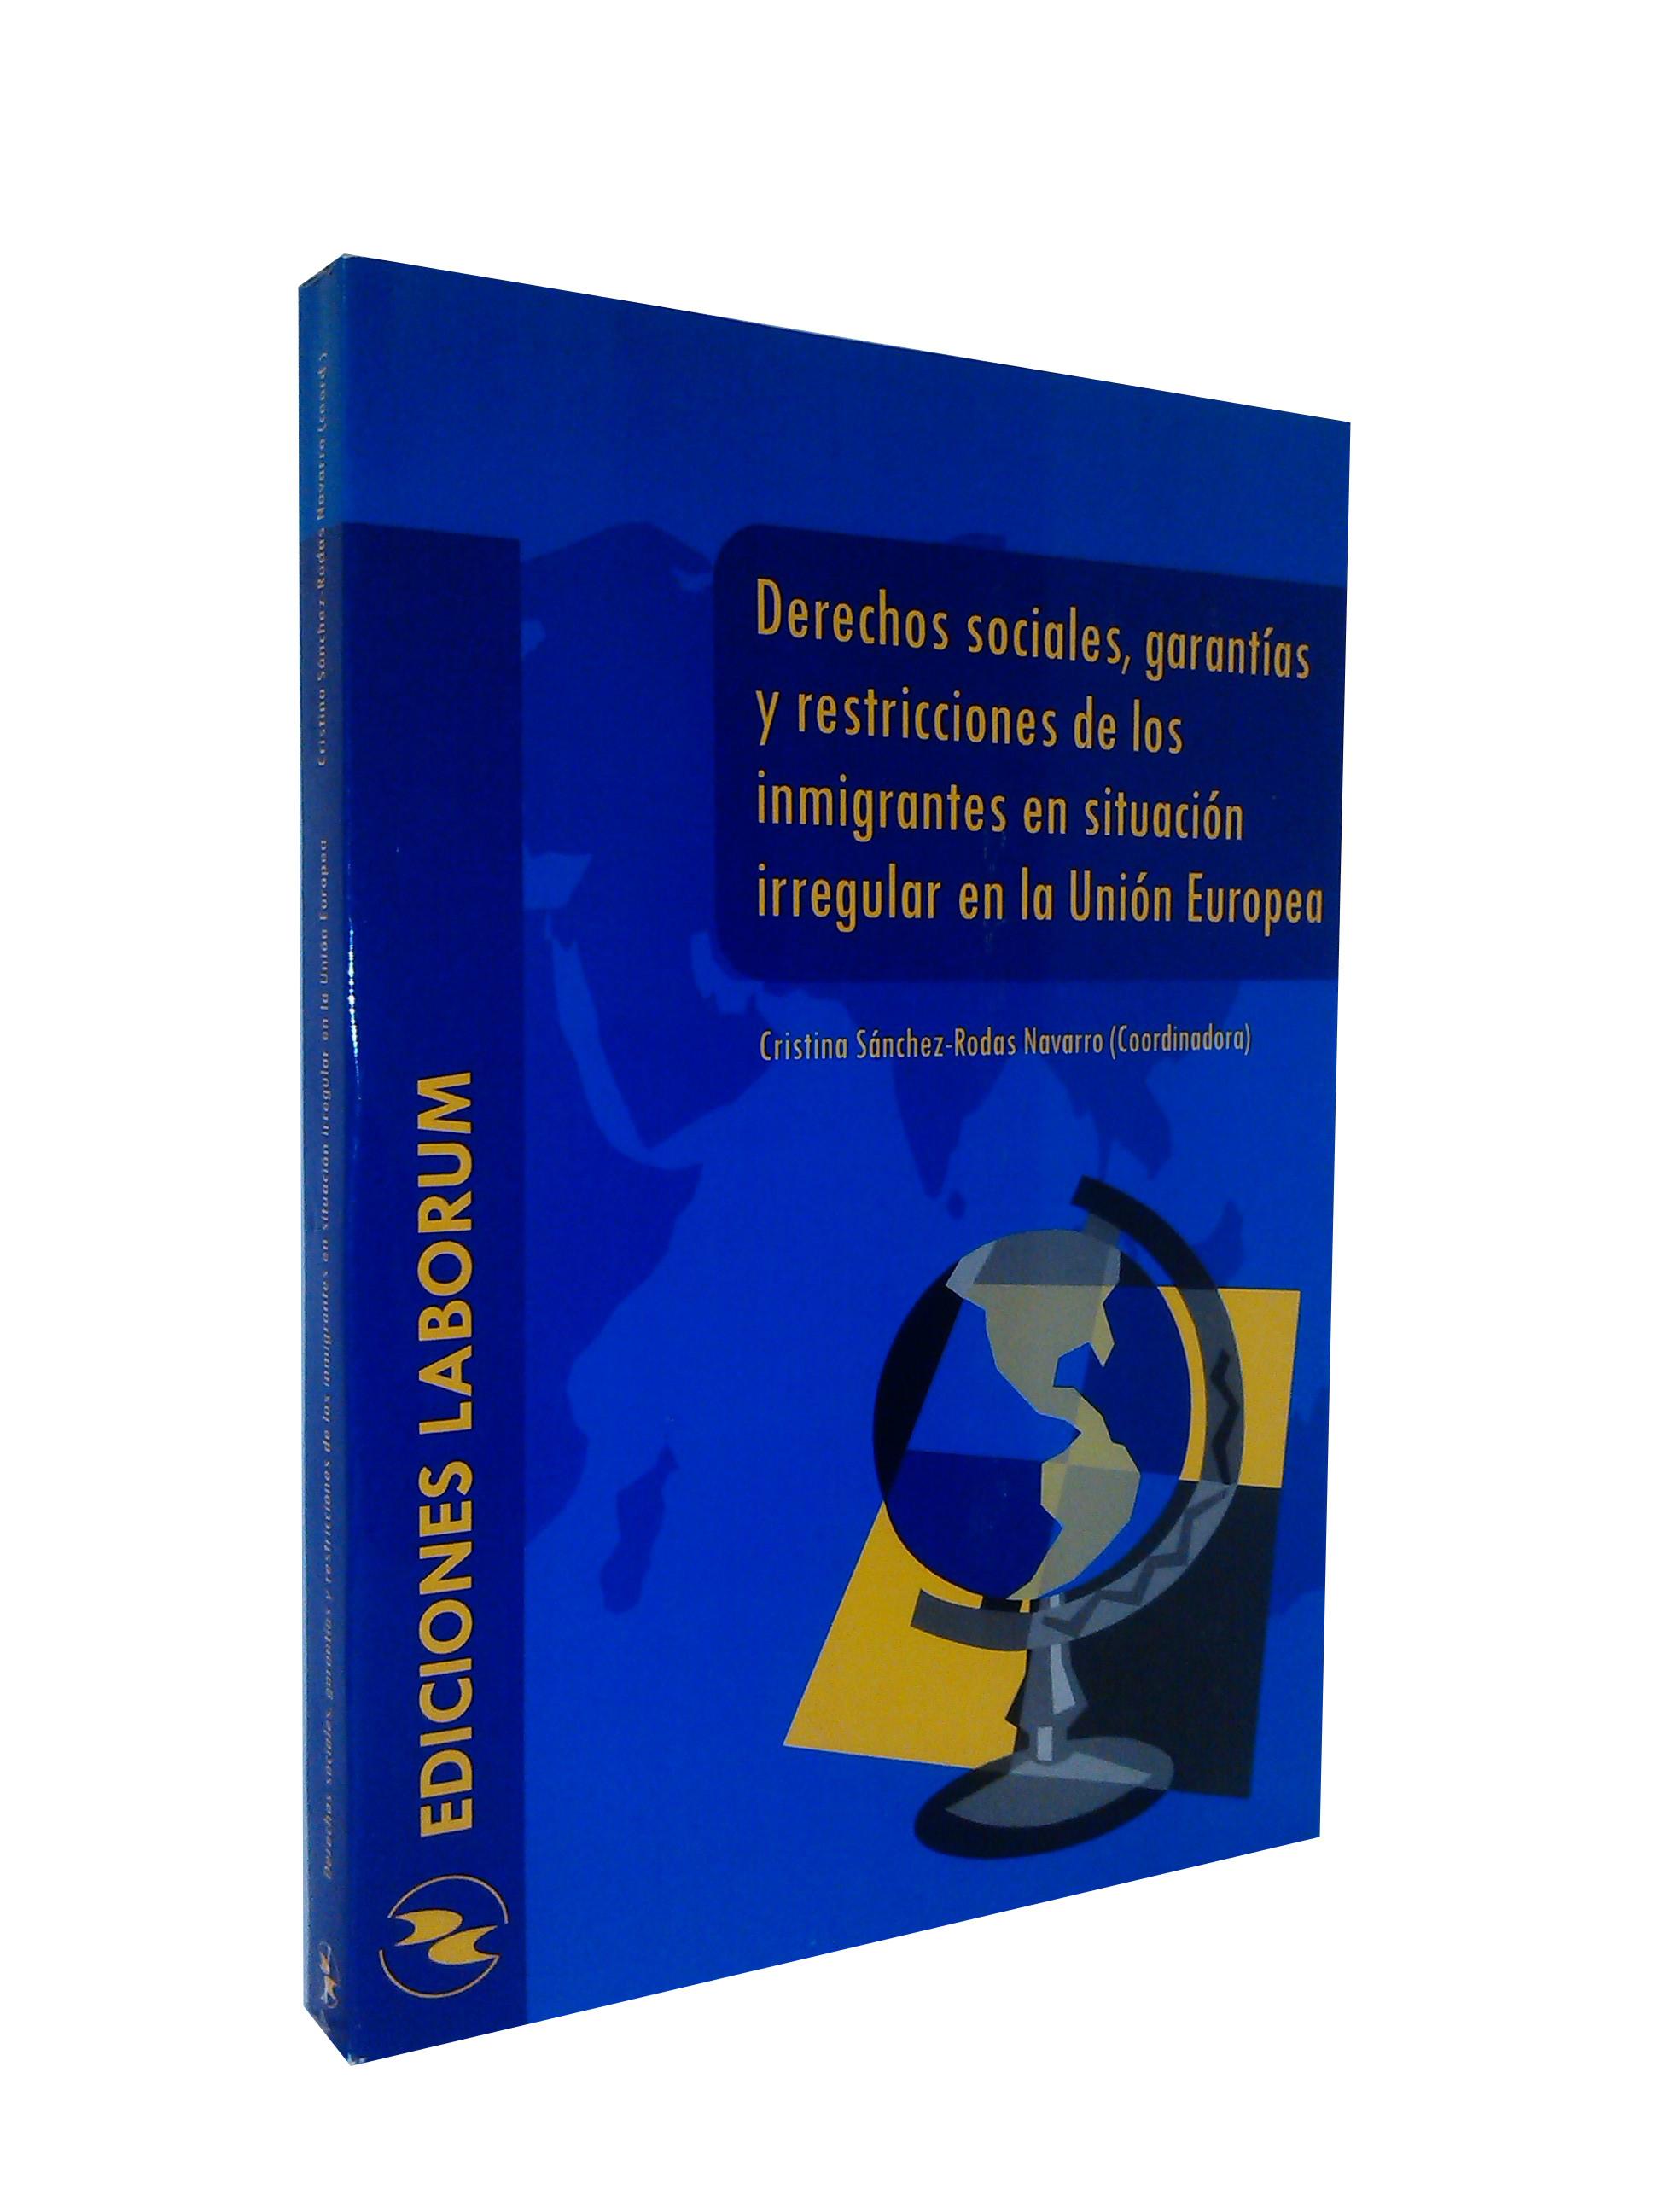 Derechos sociales, garantías y restricciones de los inmigrantes en situación irregular en la Unión Europea